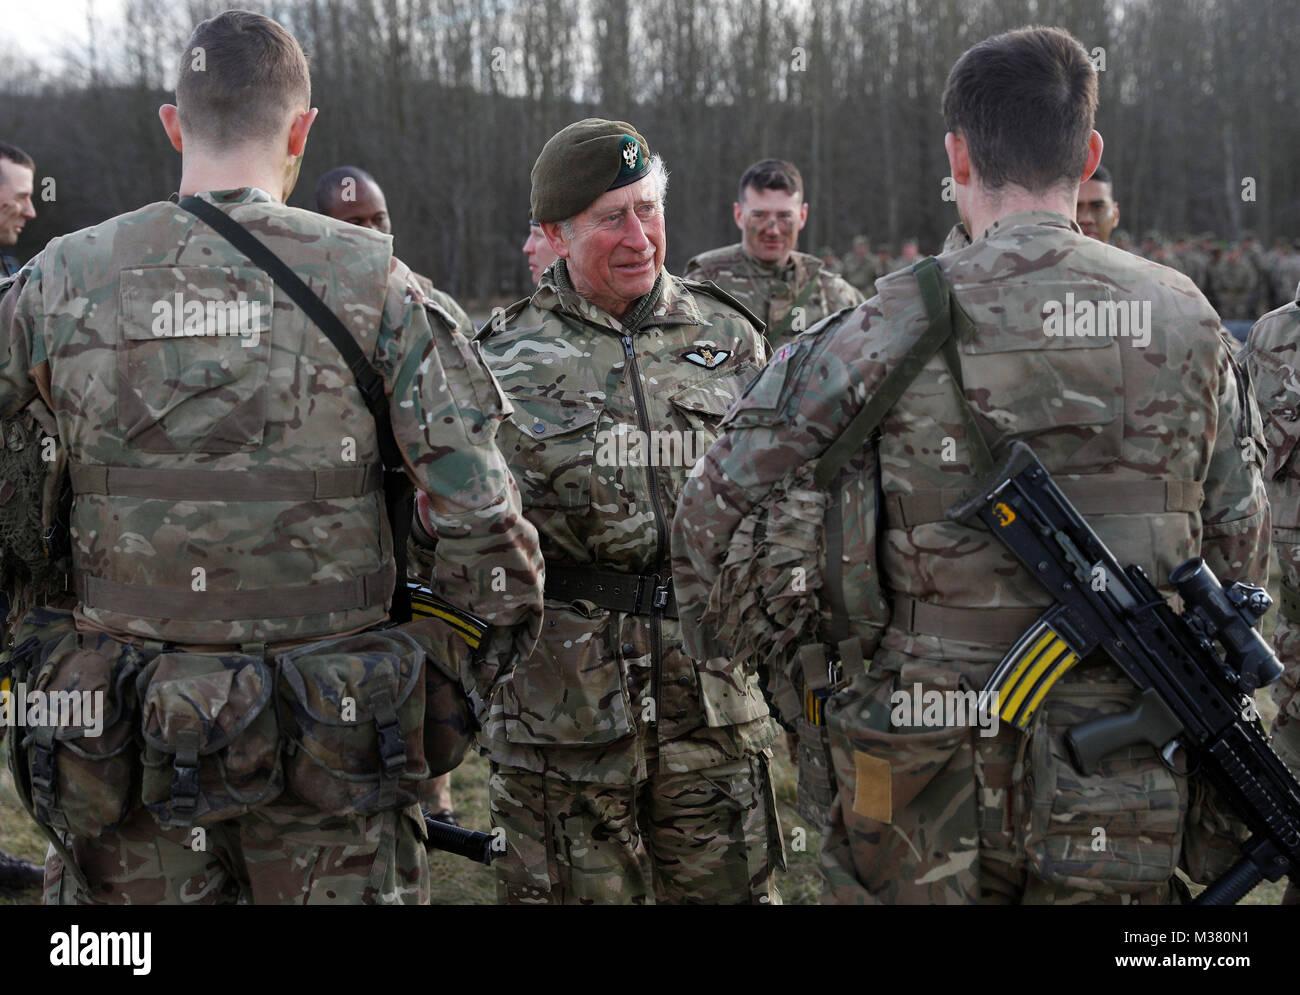 Der Prinz von Wales spricht mit Truppen während einer Übung während eines Besuchs in der ersten Bataillon der Mercian Regiment zu 10 Jahre als Oberst und 40 Jahre seit dem Werden Oberst-in-chief des Cheshire Regiment markieren. Stockfoto